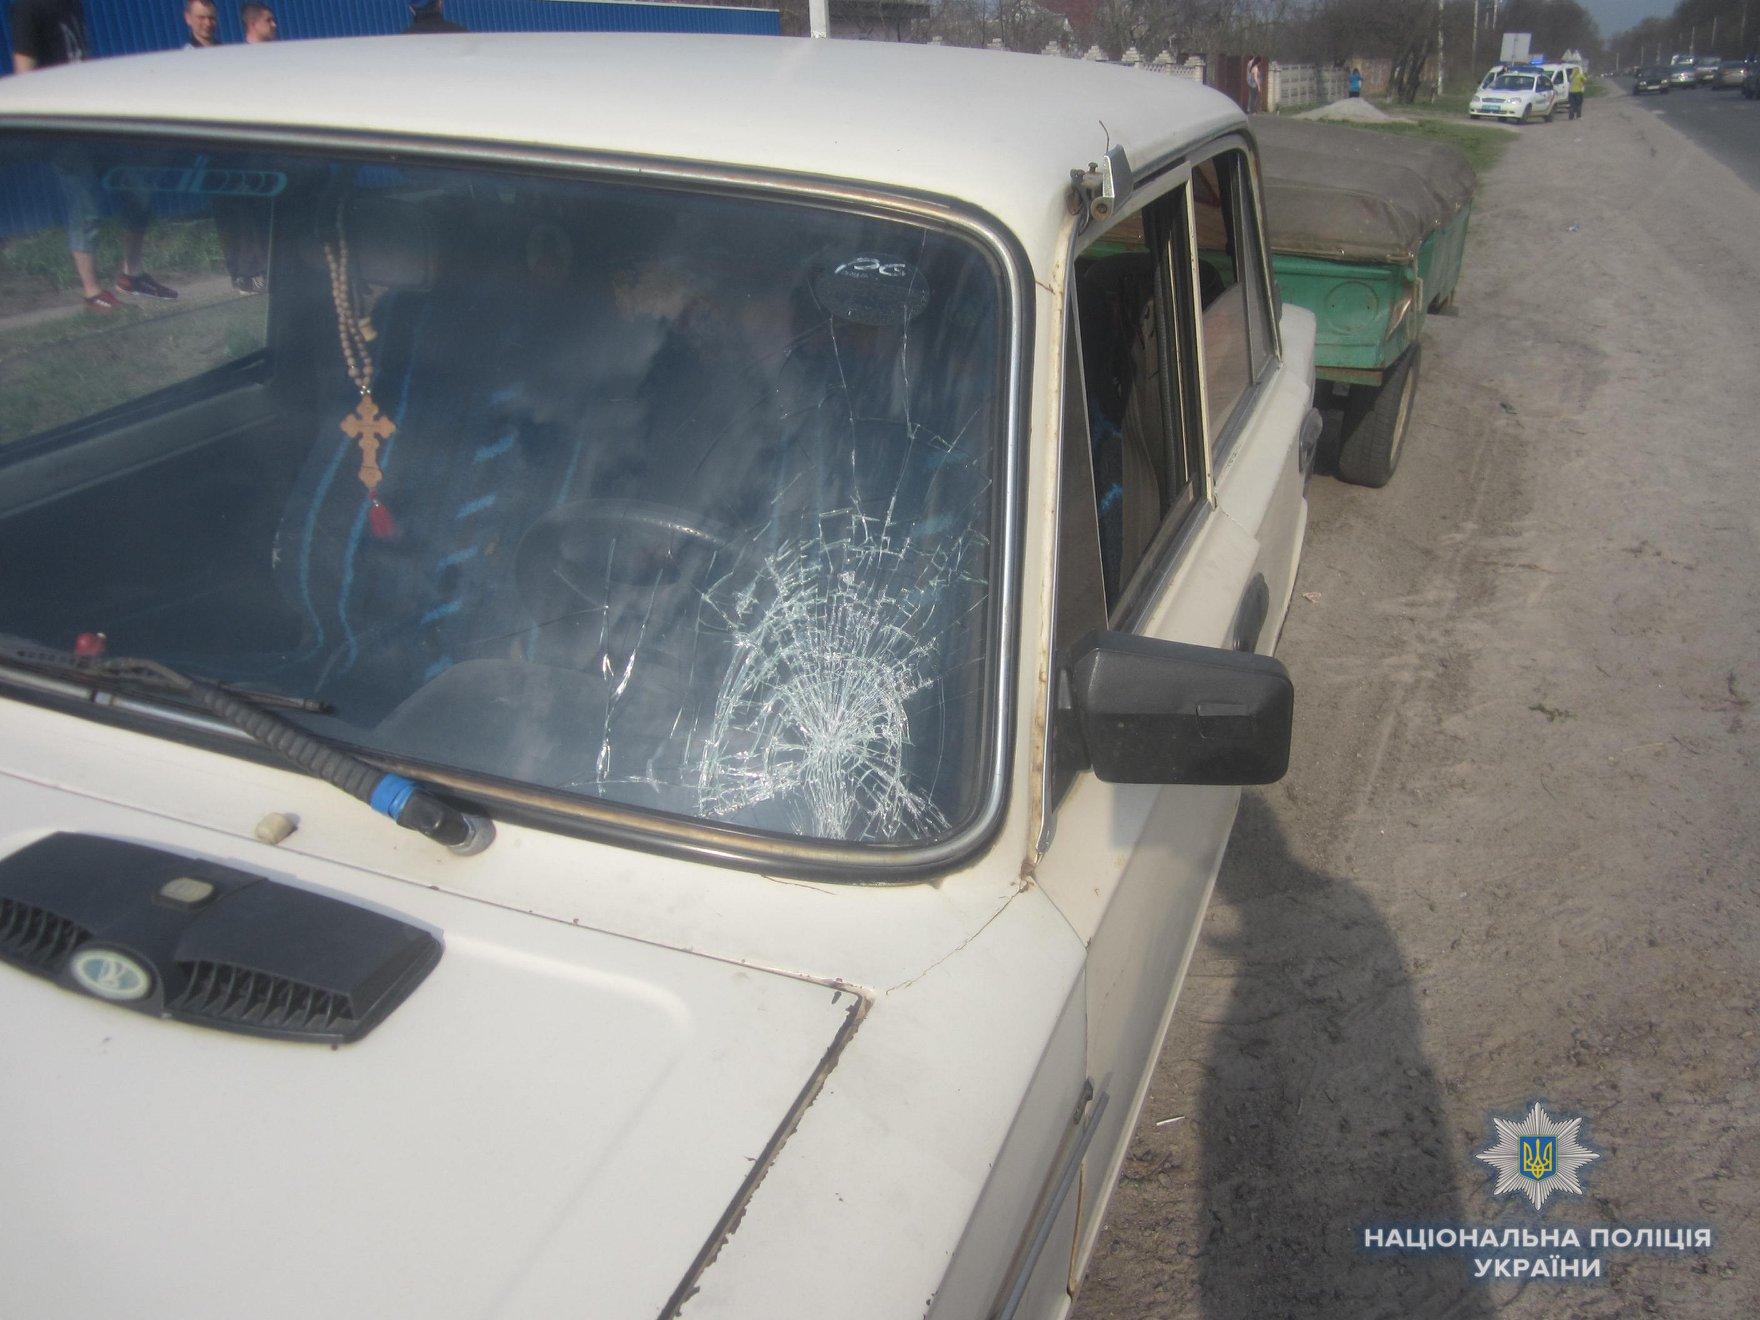 Под Киевом водитель сбил маленькую девочку на пешеходном переходе